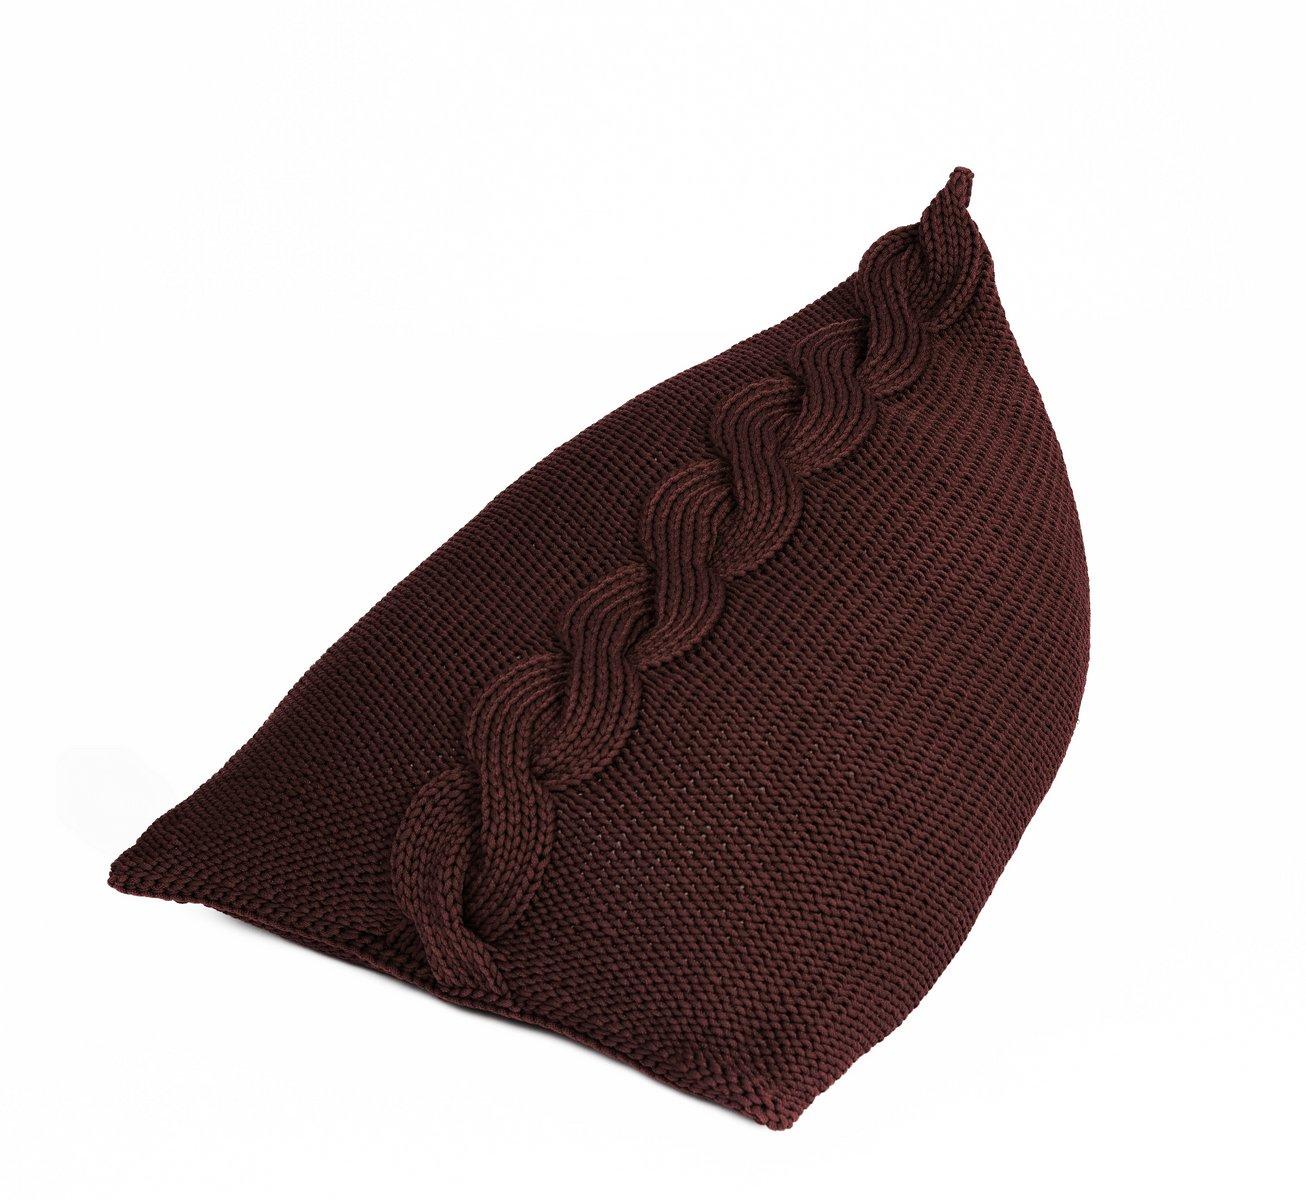 karierter gestrickter sitzsack f r erwachsene von sanfates bei pamono kaufen. Black Bedroom Furniture Sets. Home Design Ideas